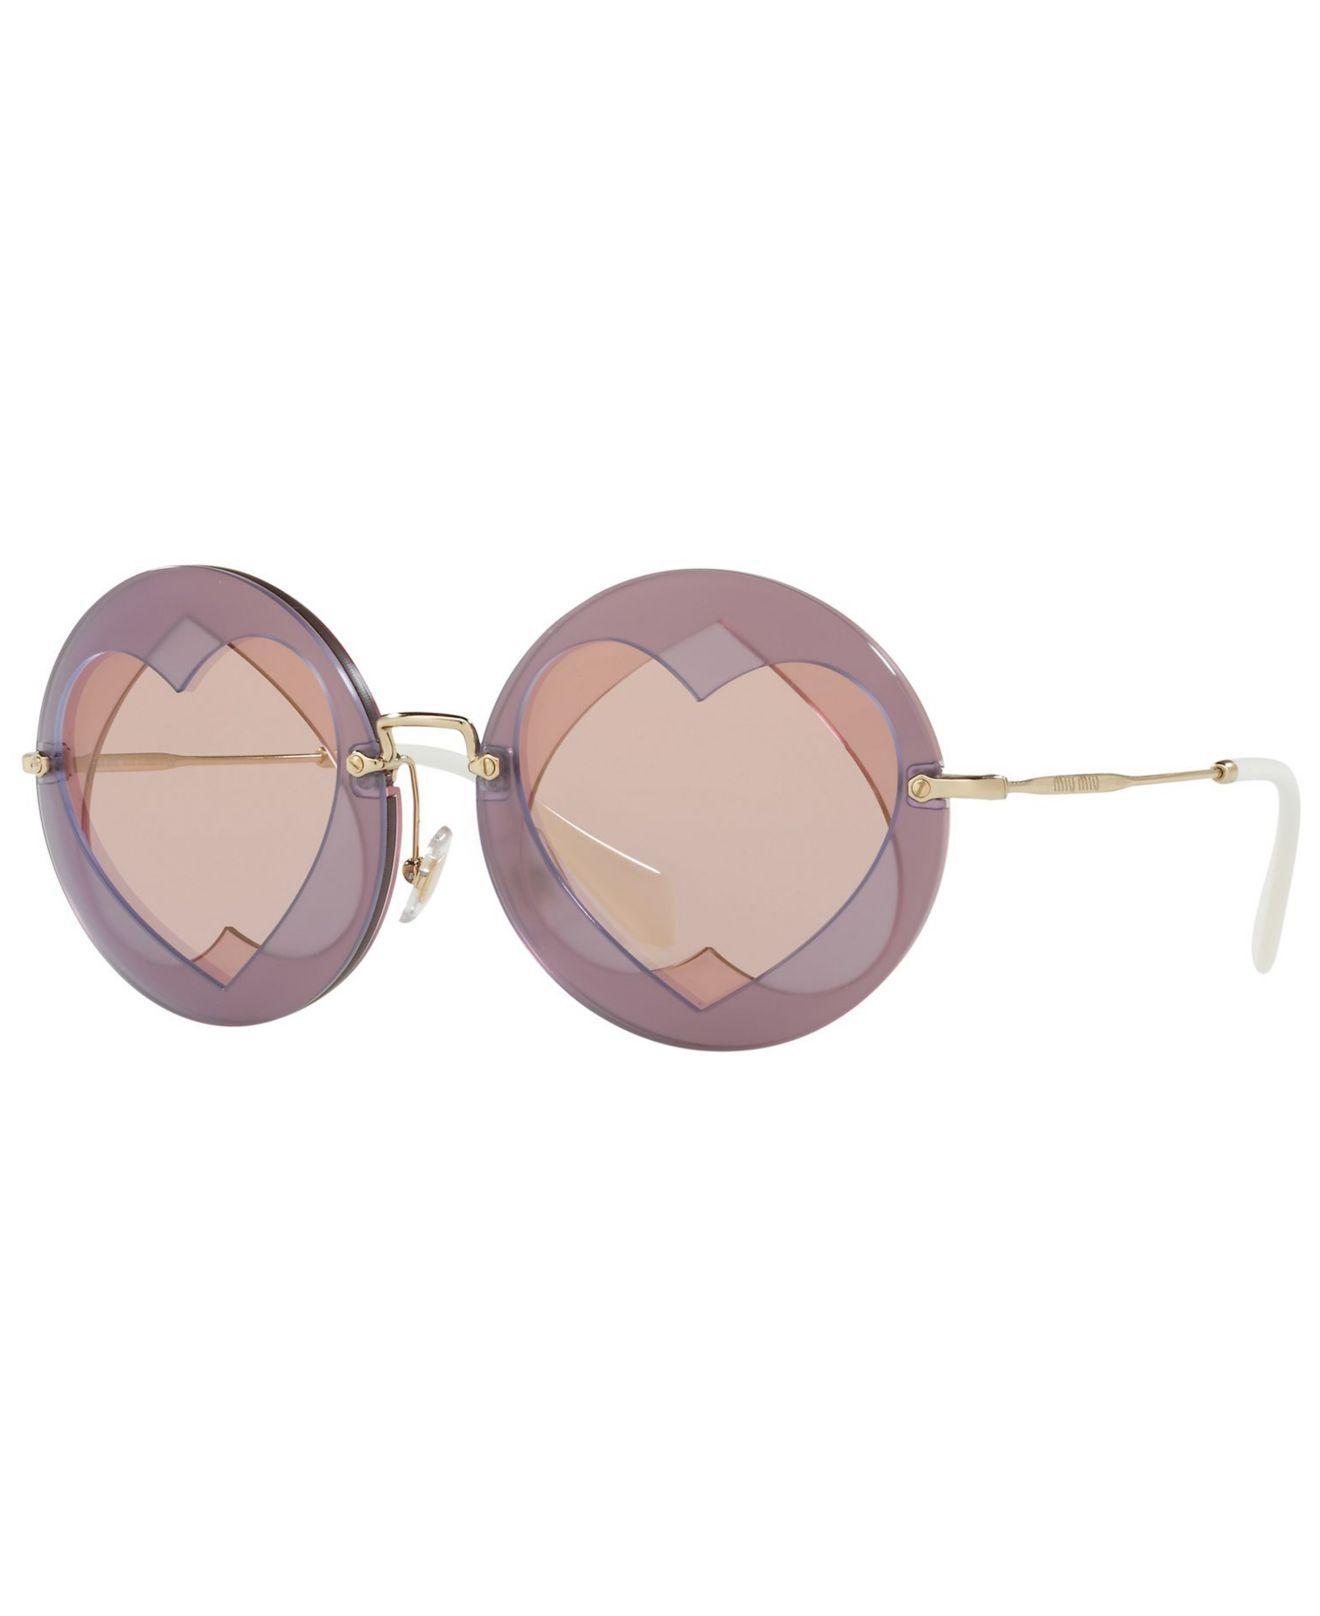 1e2af323c38d4 Lyst - Miu Miu Sunglass Mu 01ss 62 in Pink